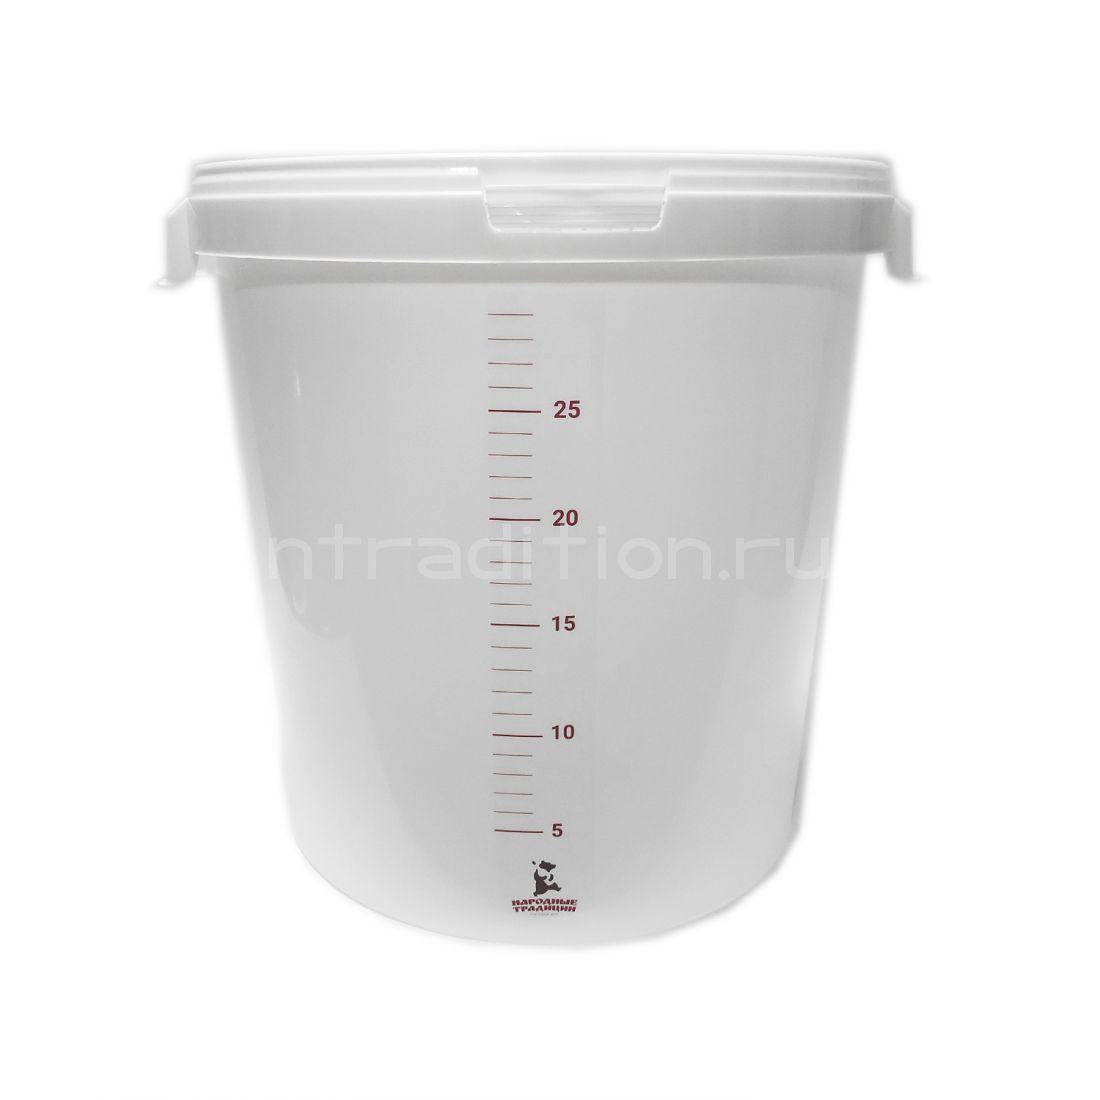 Линейка мерная на емкость для брожения 32 литра